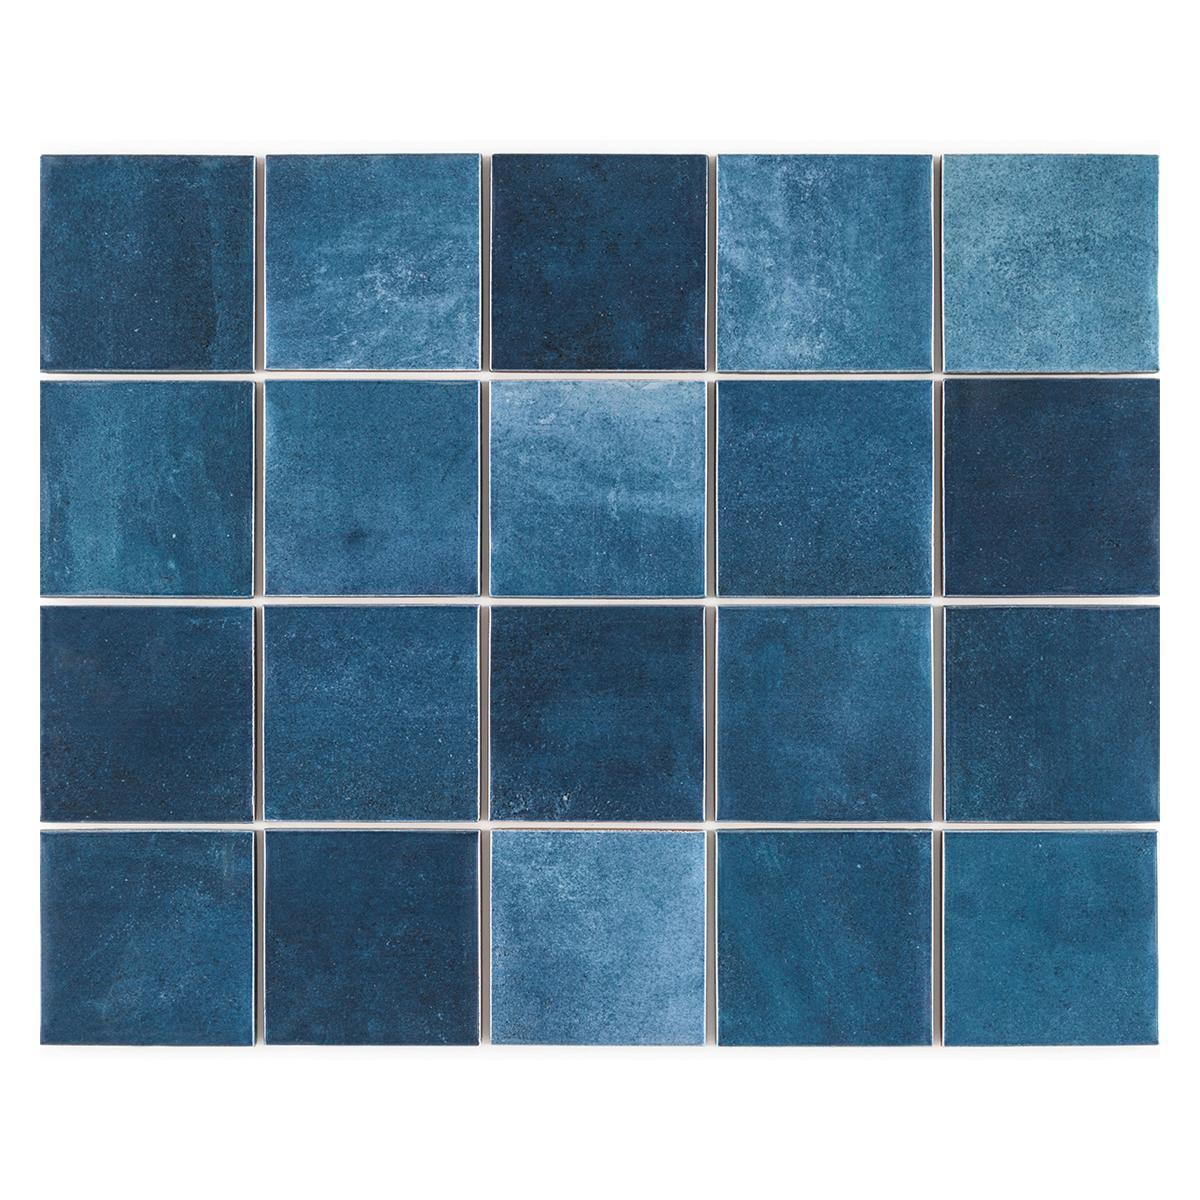 Gres Porcelánico Noronha Azul Brillante - 7.5X7.5 cm - 1.59 m2